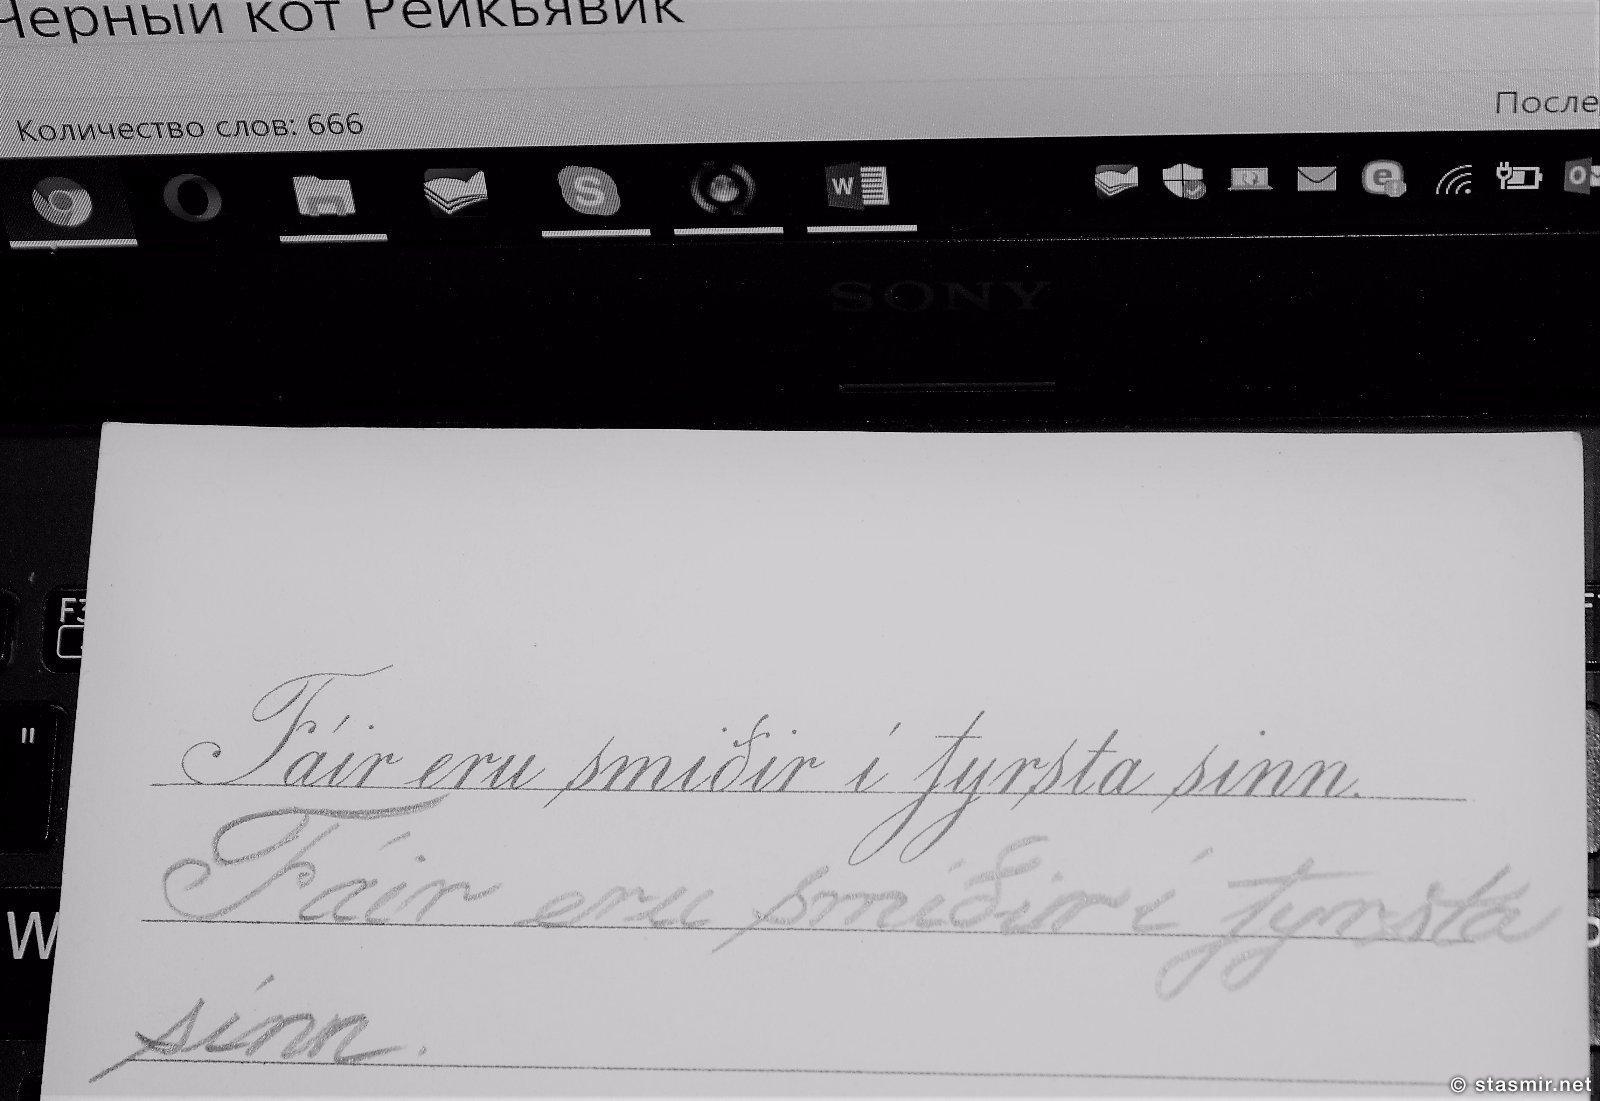 образец почерка Грёндаля в доме-музее на улице Фишерсунд, фото Стасмир, photo Stasmir